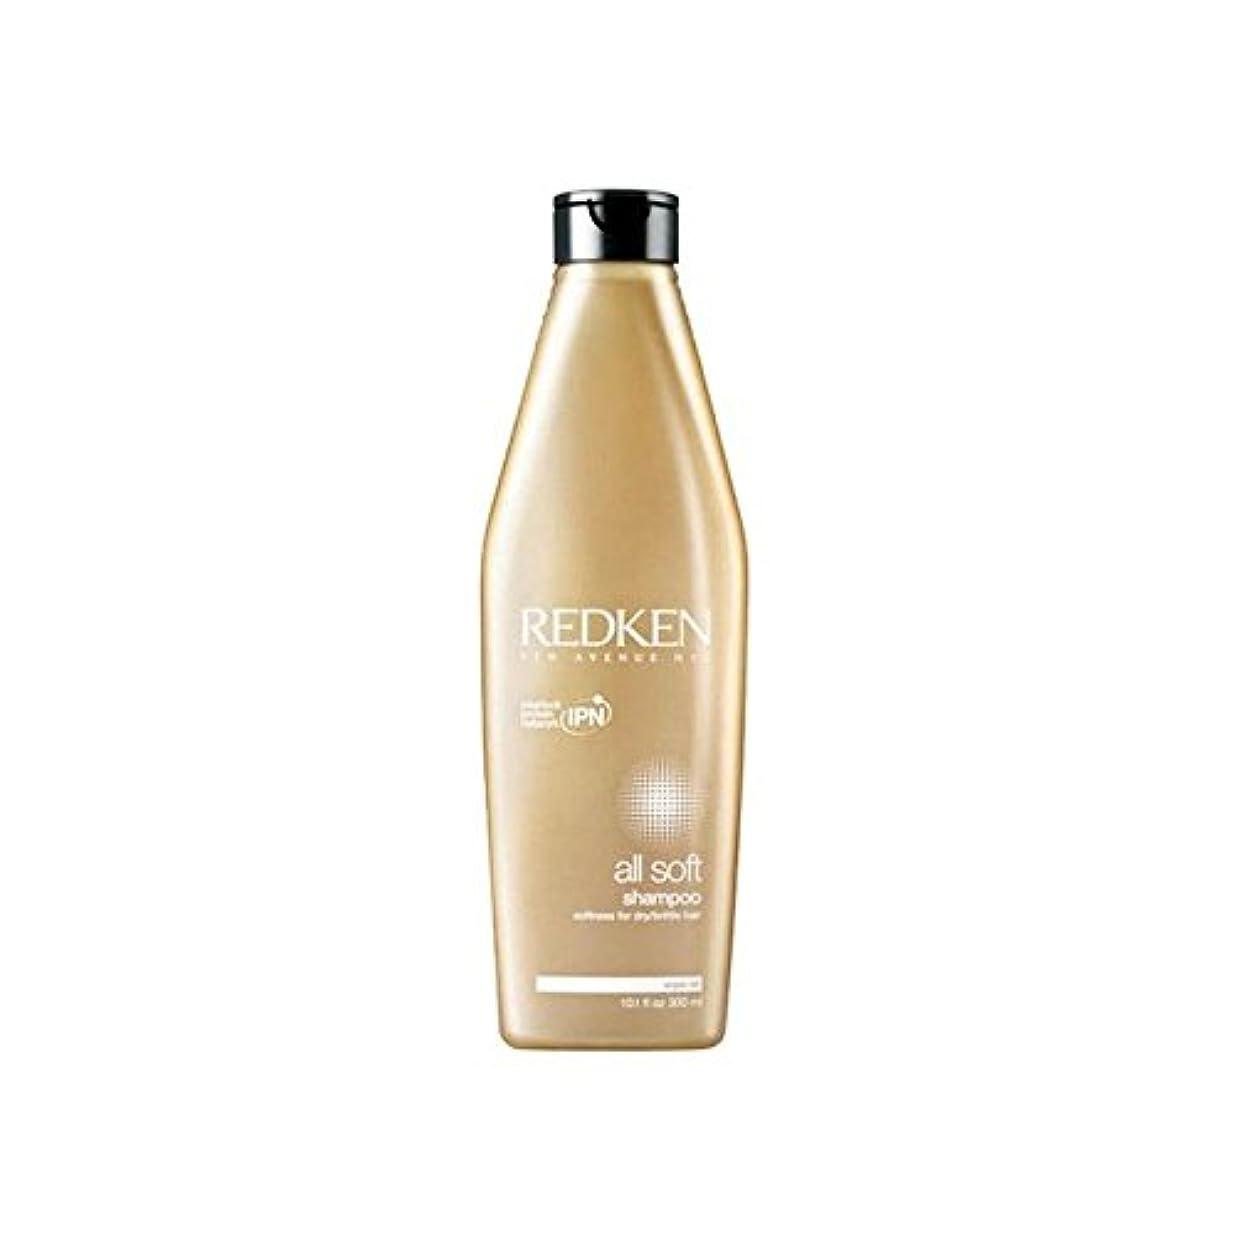 絶壁明らかに侵略Redken All Soft Shampoo (300ml) (Pack of 6) - レッドケンすべてのソフトシャンプー(300ミリリットル) x6 [並行輸入品]